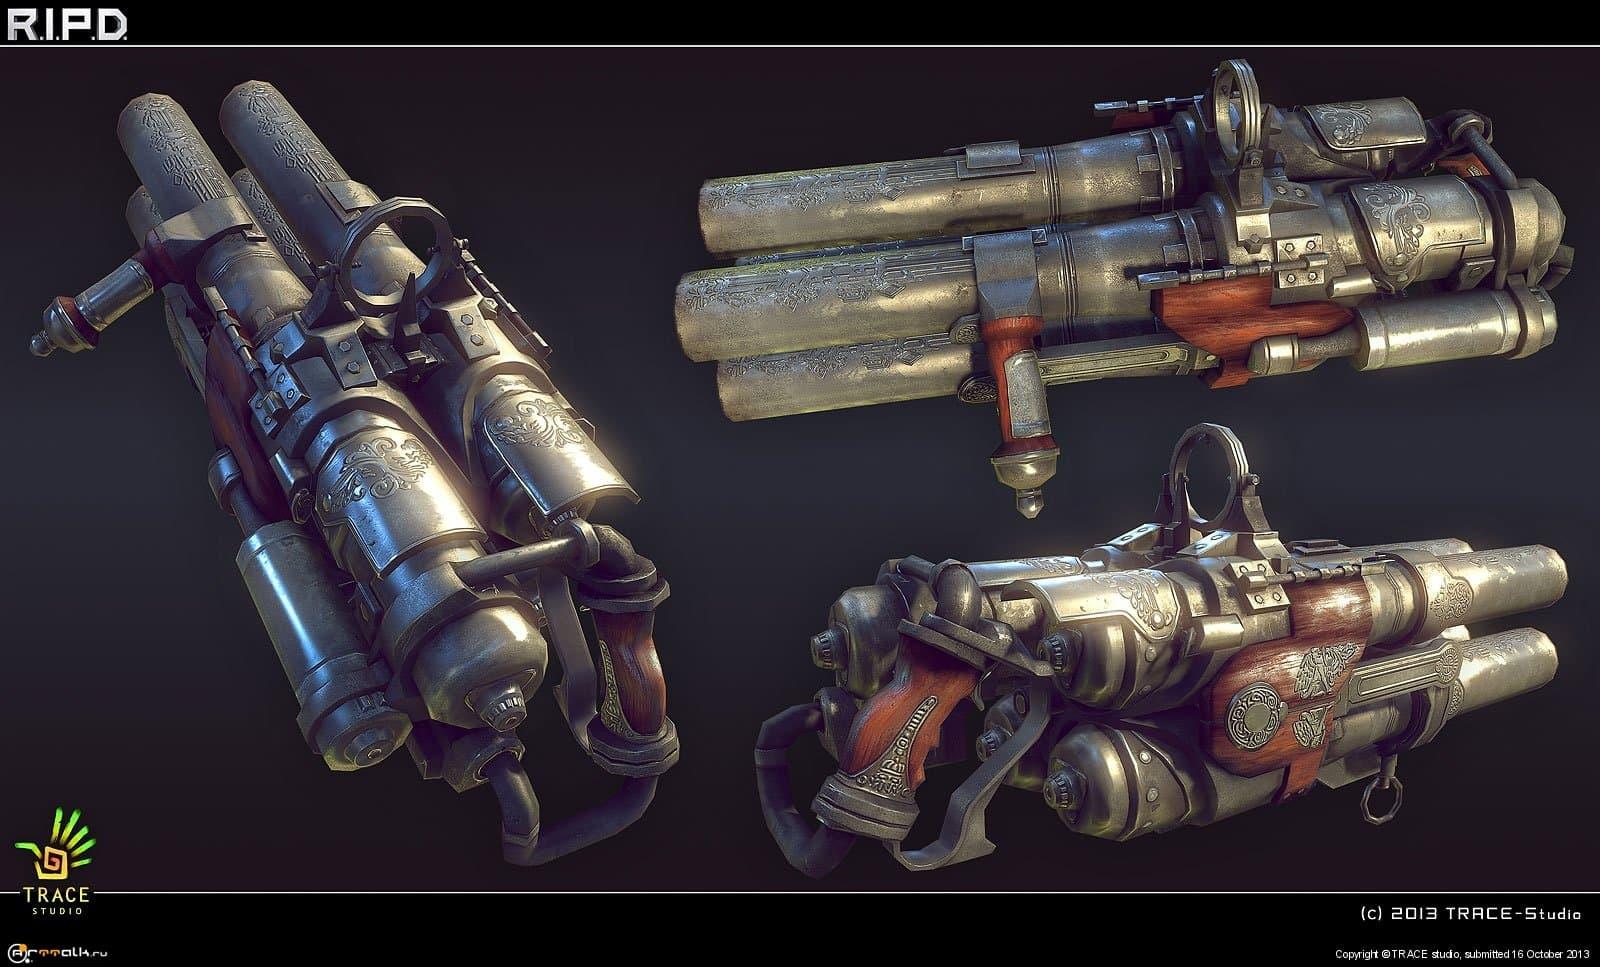 R.i.p.d. Gun2